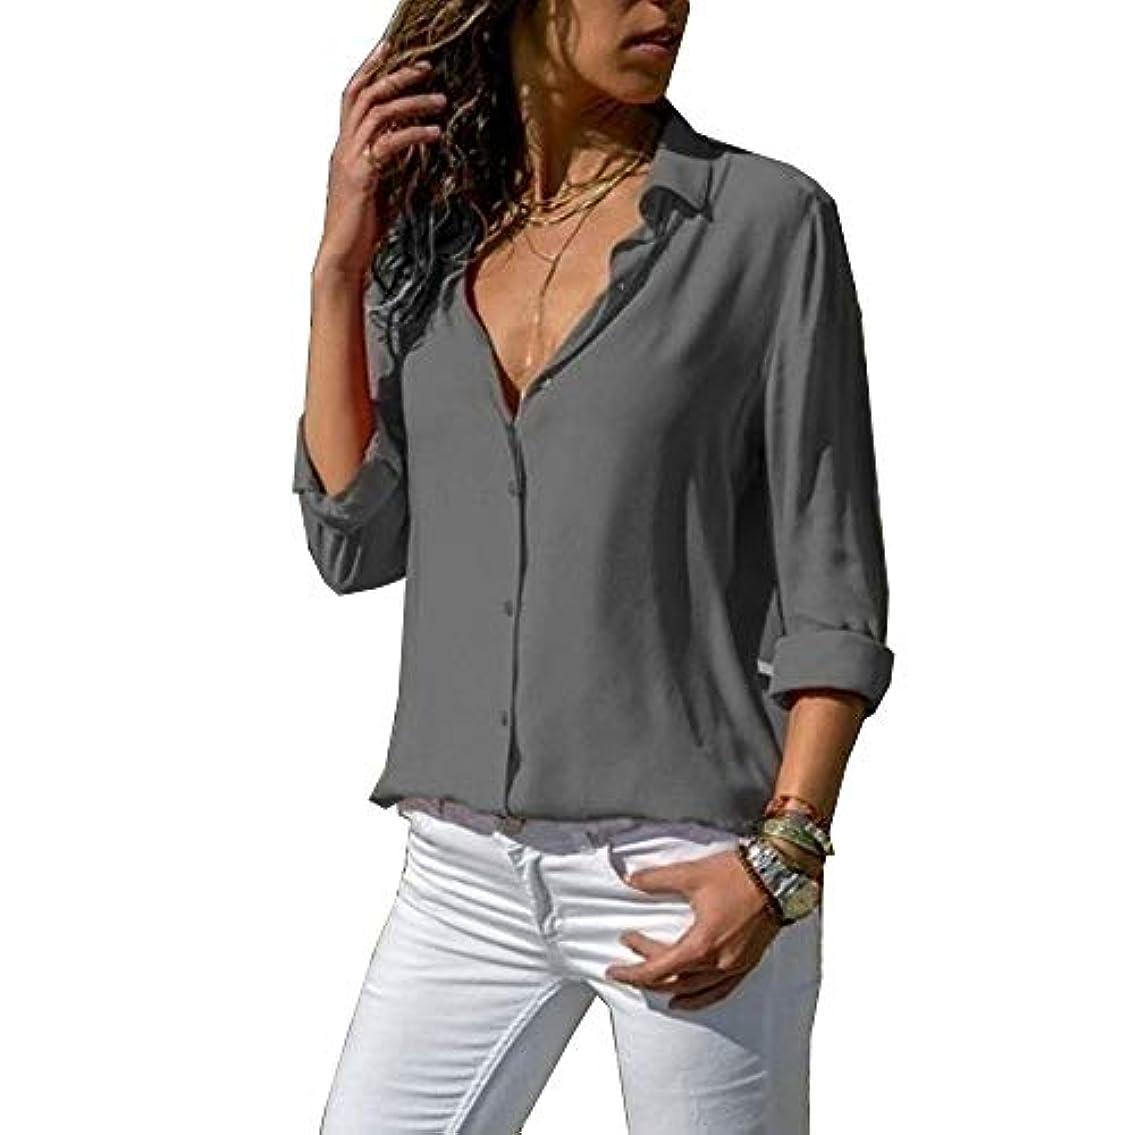 すごい滑る屋内MIFAN ルーズシャツ、トップス&Tシャツ、プラスサイズ、トップス&ブラウス、シフォンブラウス、女性トップス、シフォンシャツ